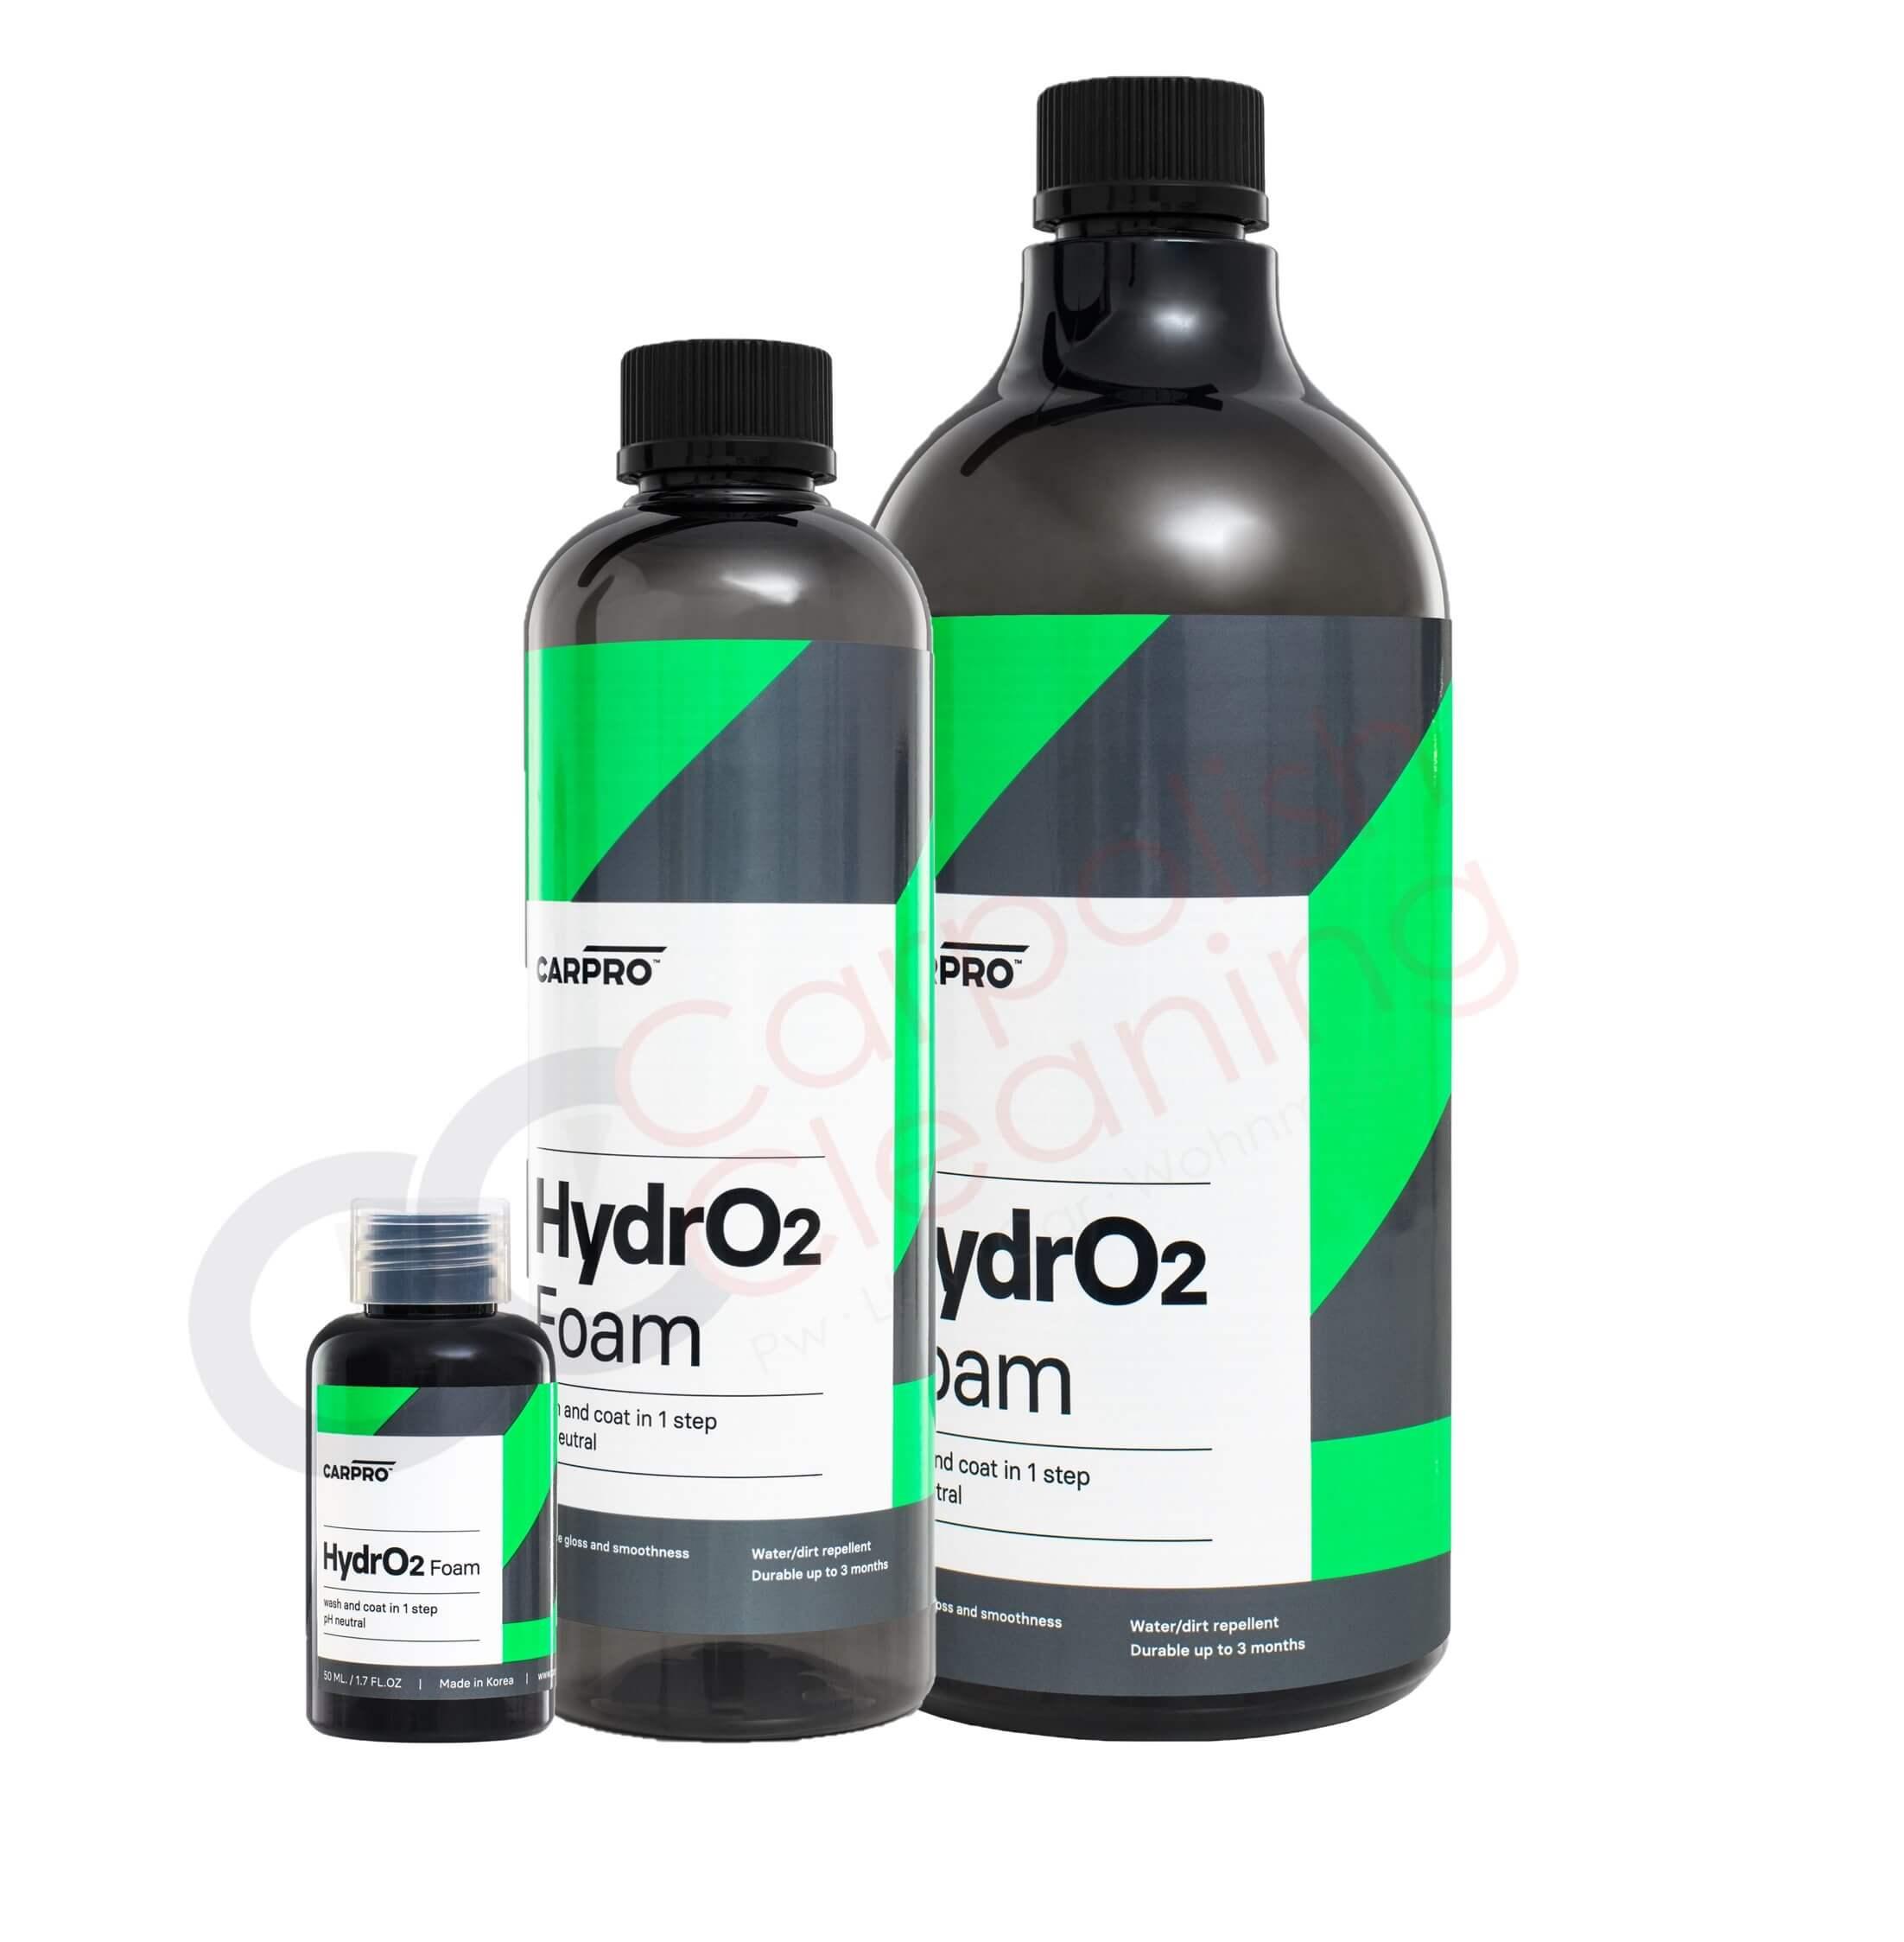 HydroFoam Autoshampoo von CarPro Produktvarianten nebeneinander